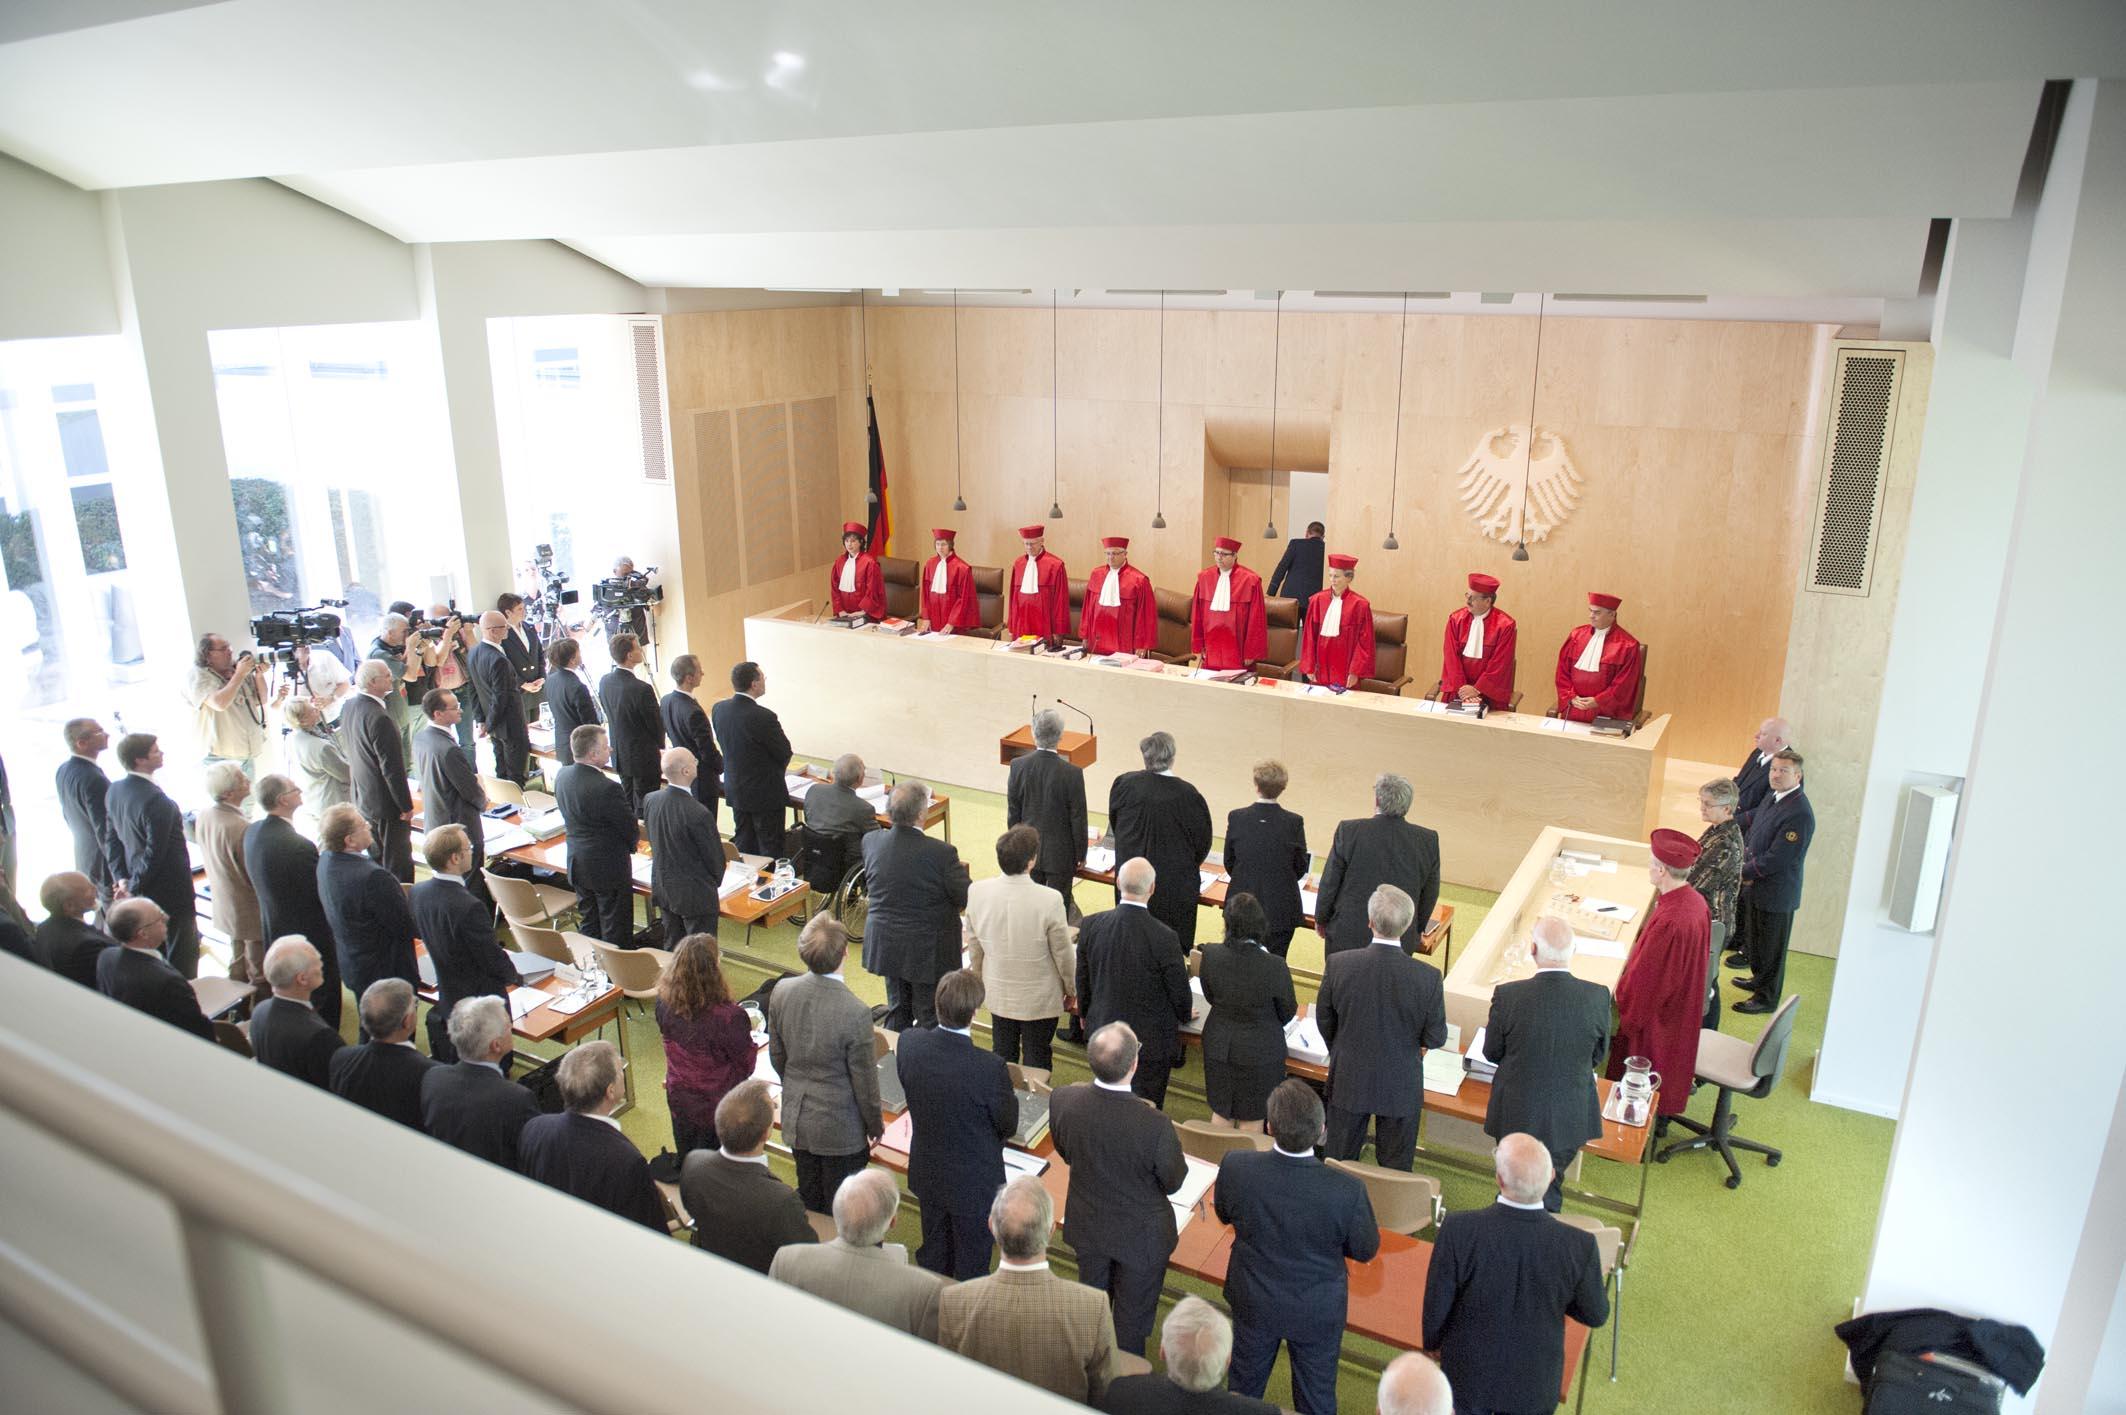 Bundesverfassungsgericht, Karlsruhe. Foto: Mehr Demokratie / Wikimedia Commons